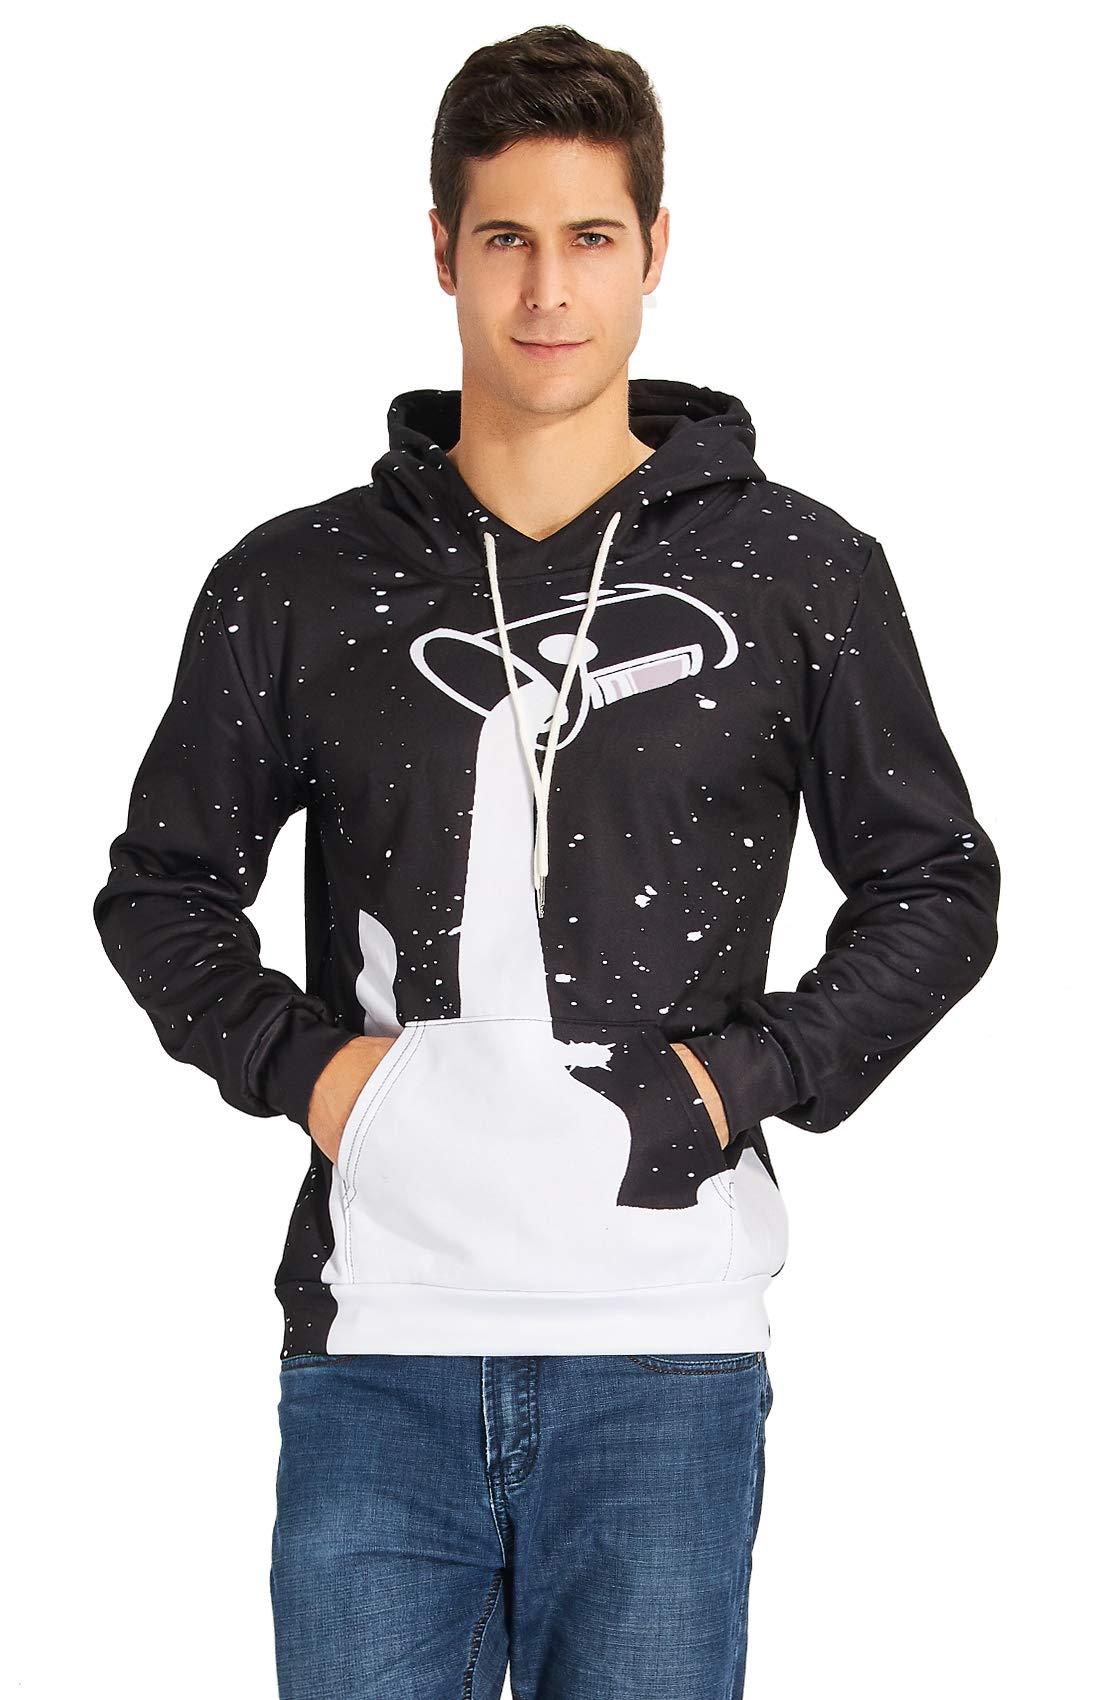 RAISEVERN90 Stilvolle Stern auslaufende Milch Printed Kordelzug Kapuze Strickjacke für Männer Schwarz